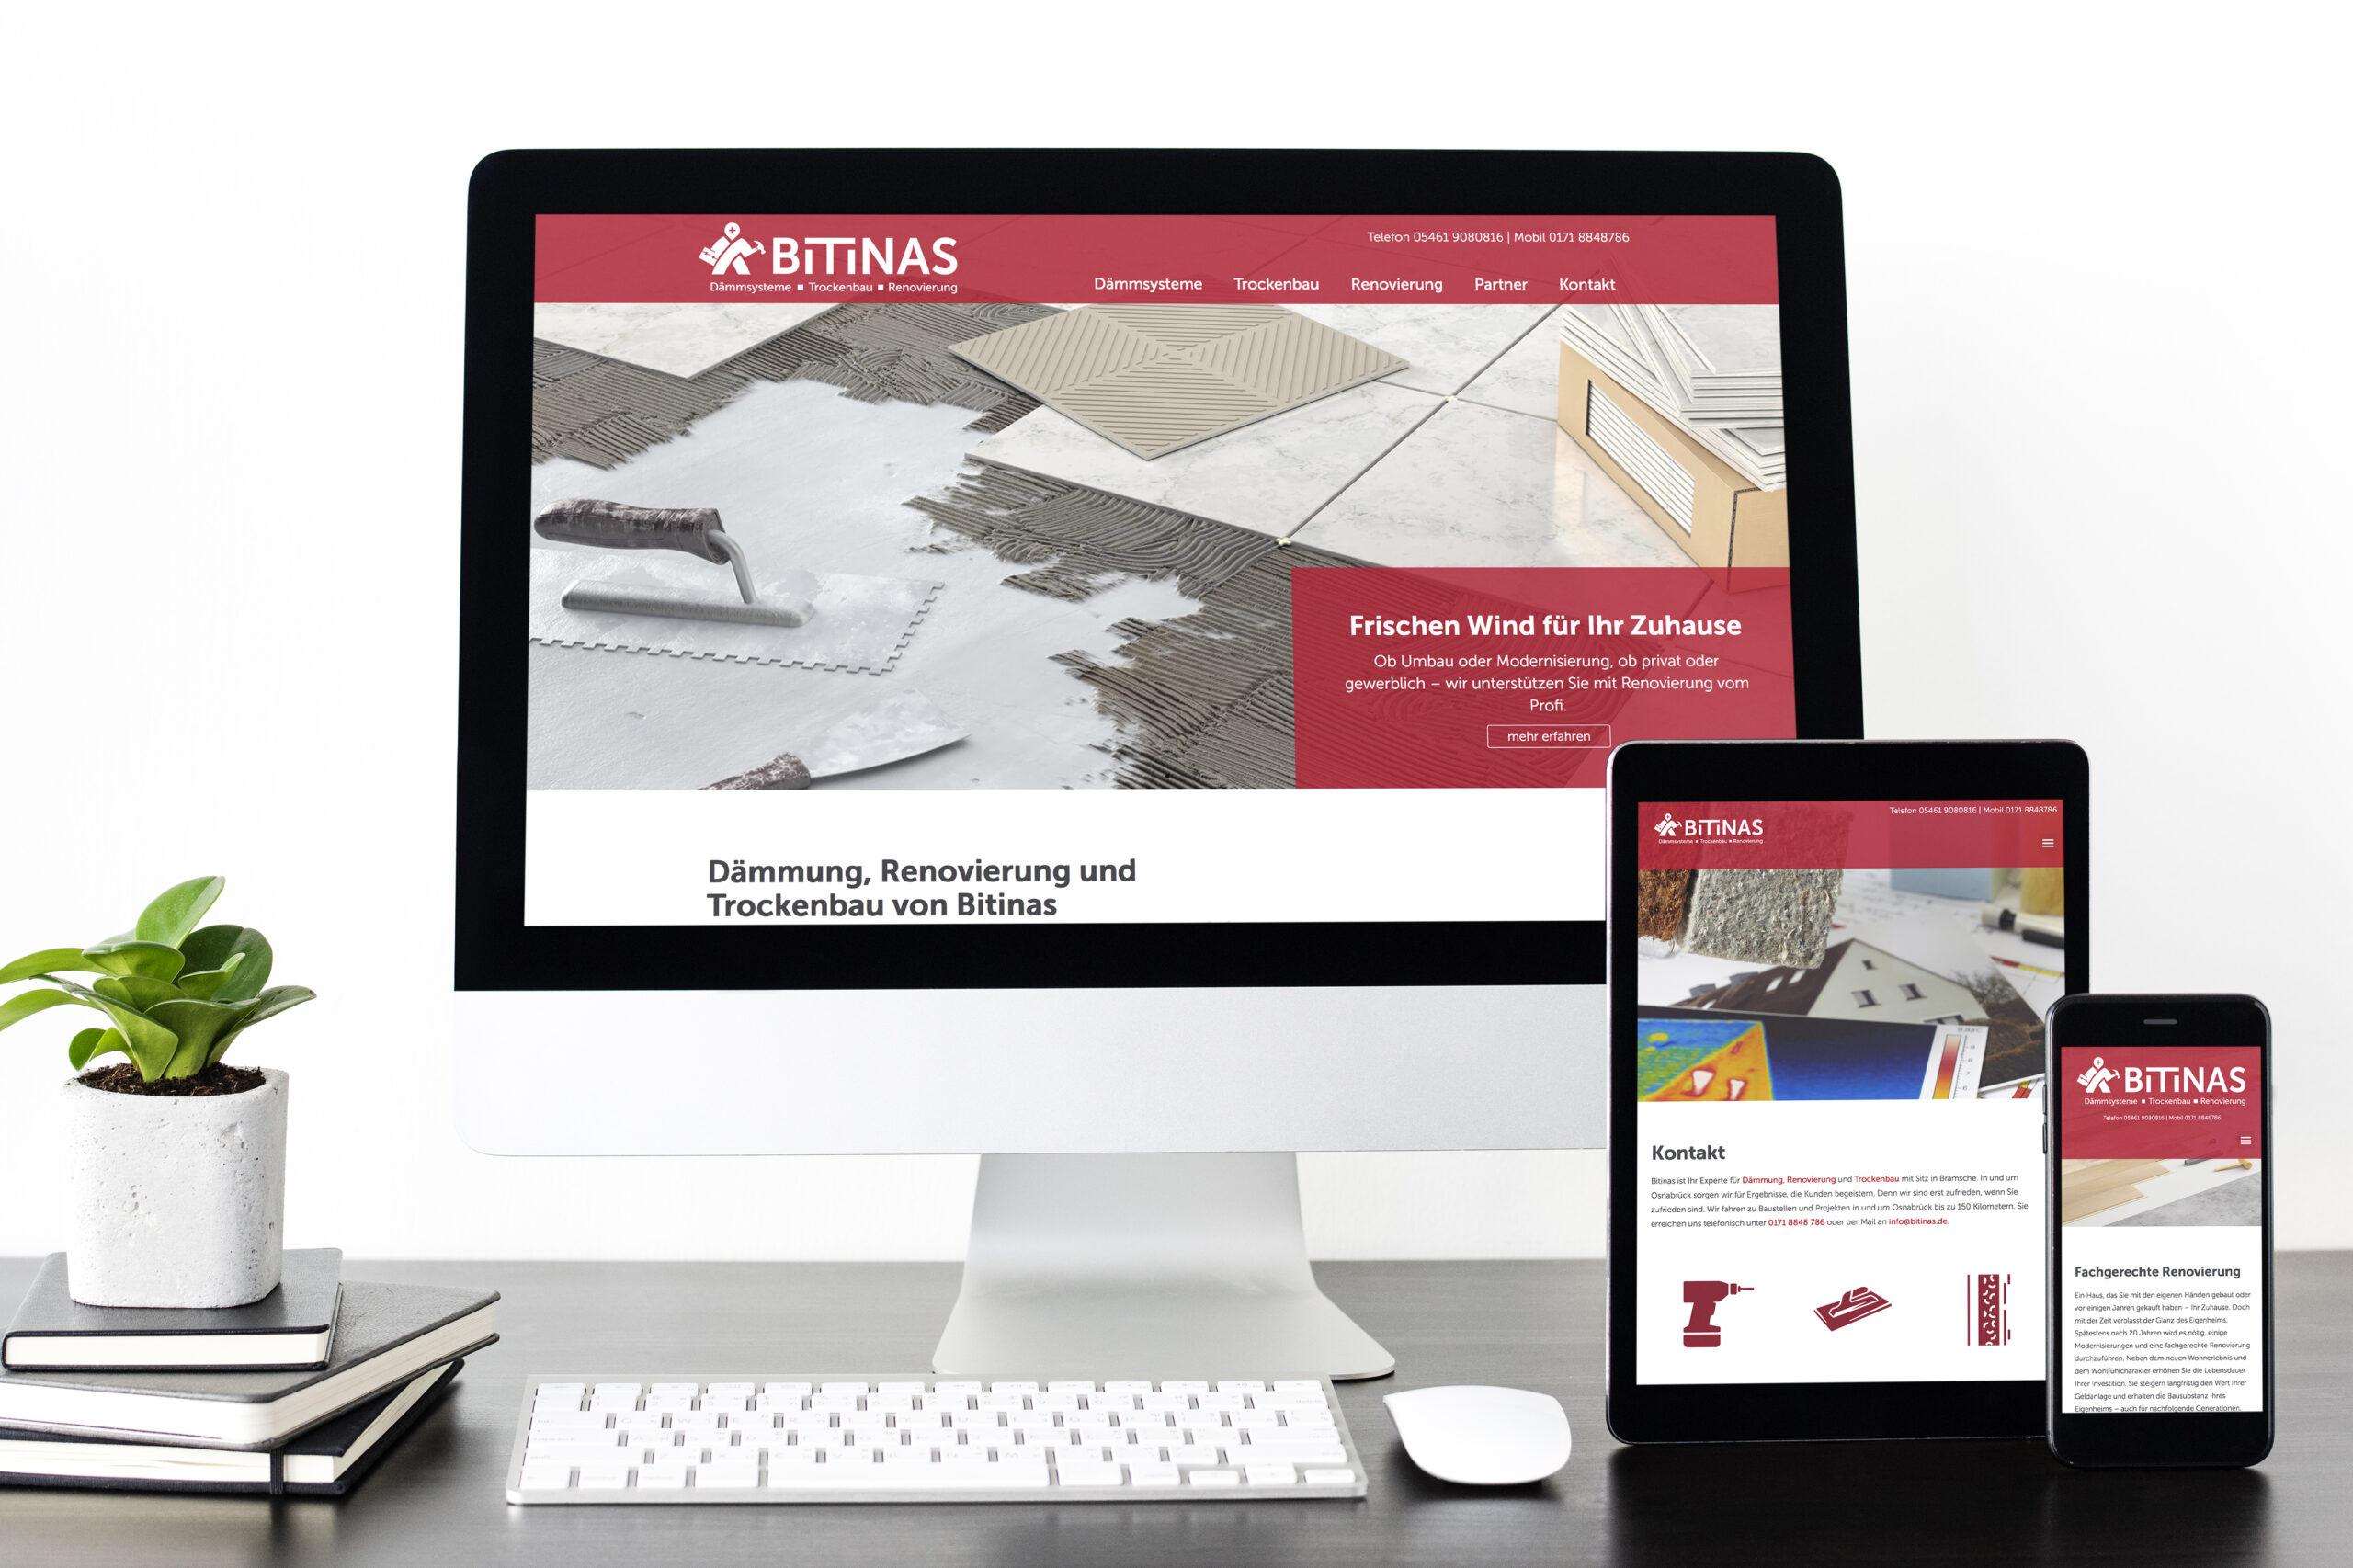 Neue Geschäftsausstattung für Handwerksunternehmen Bitinas